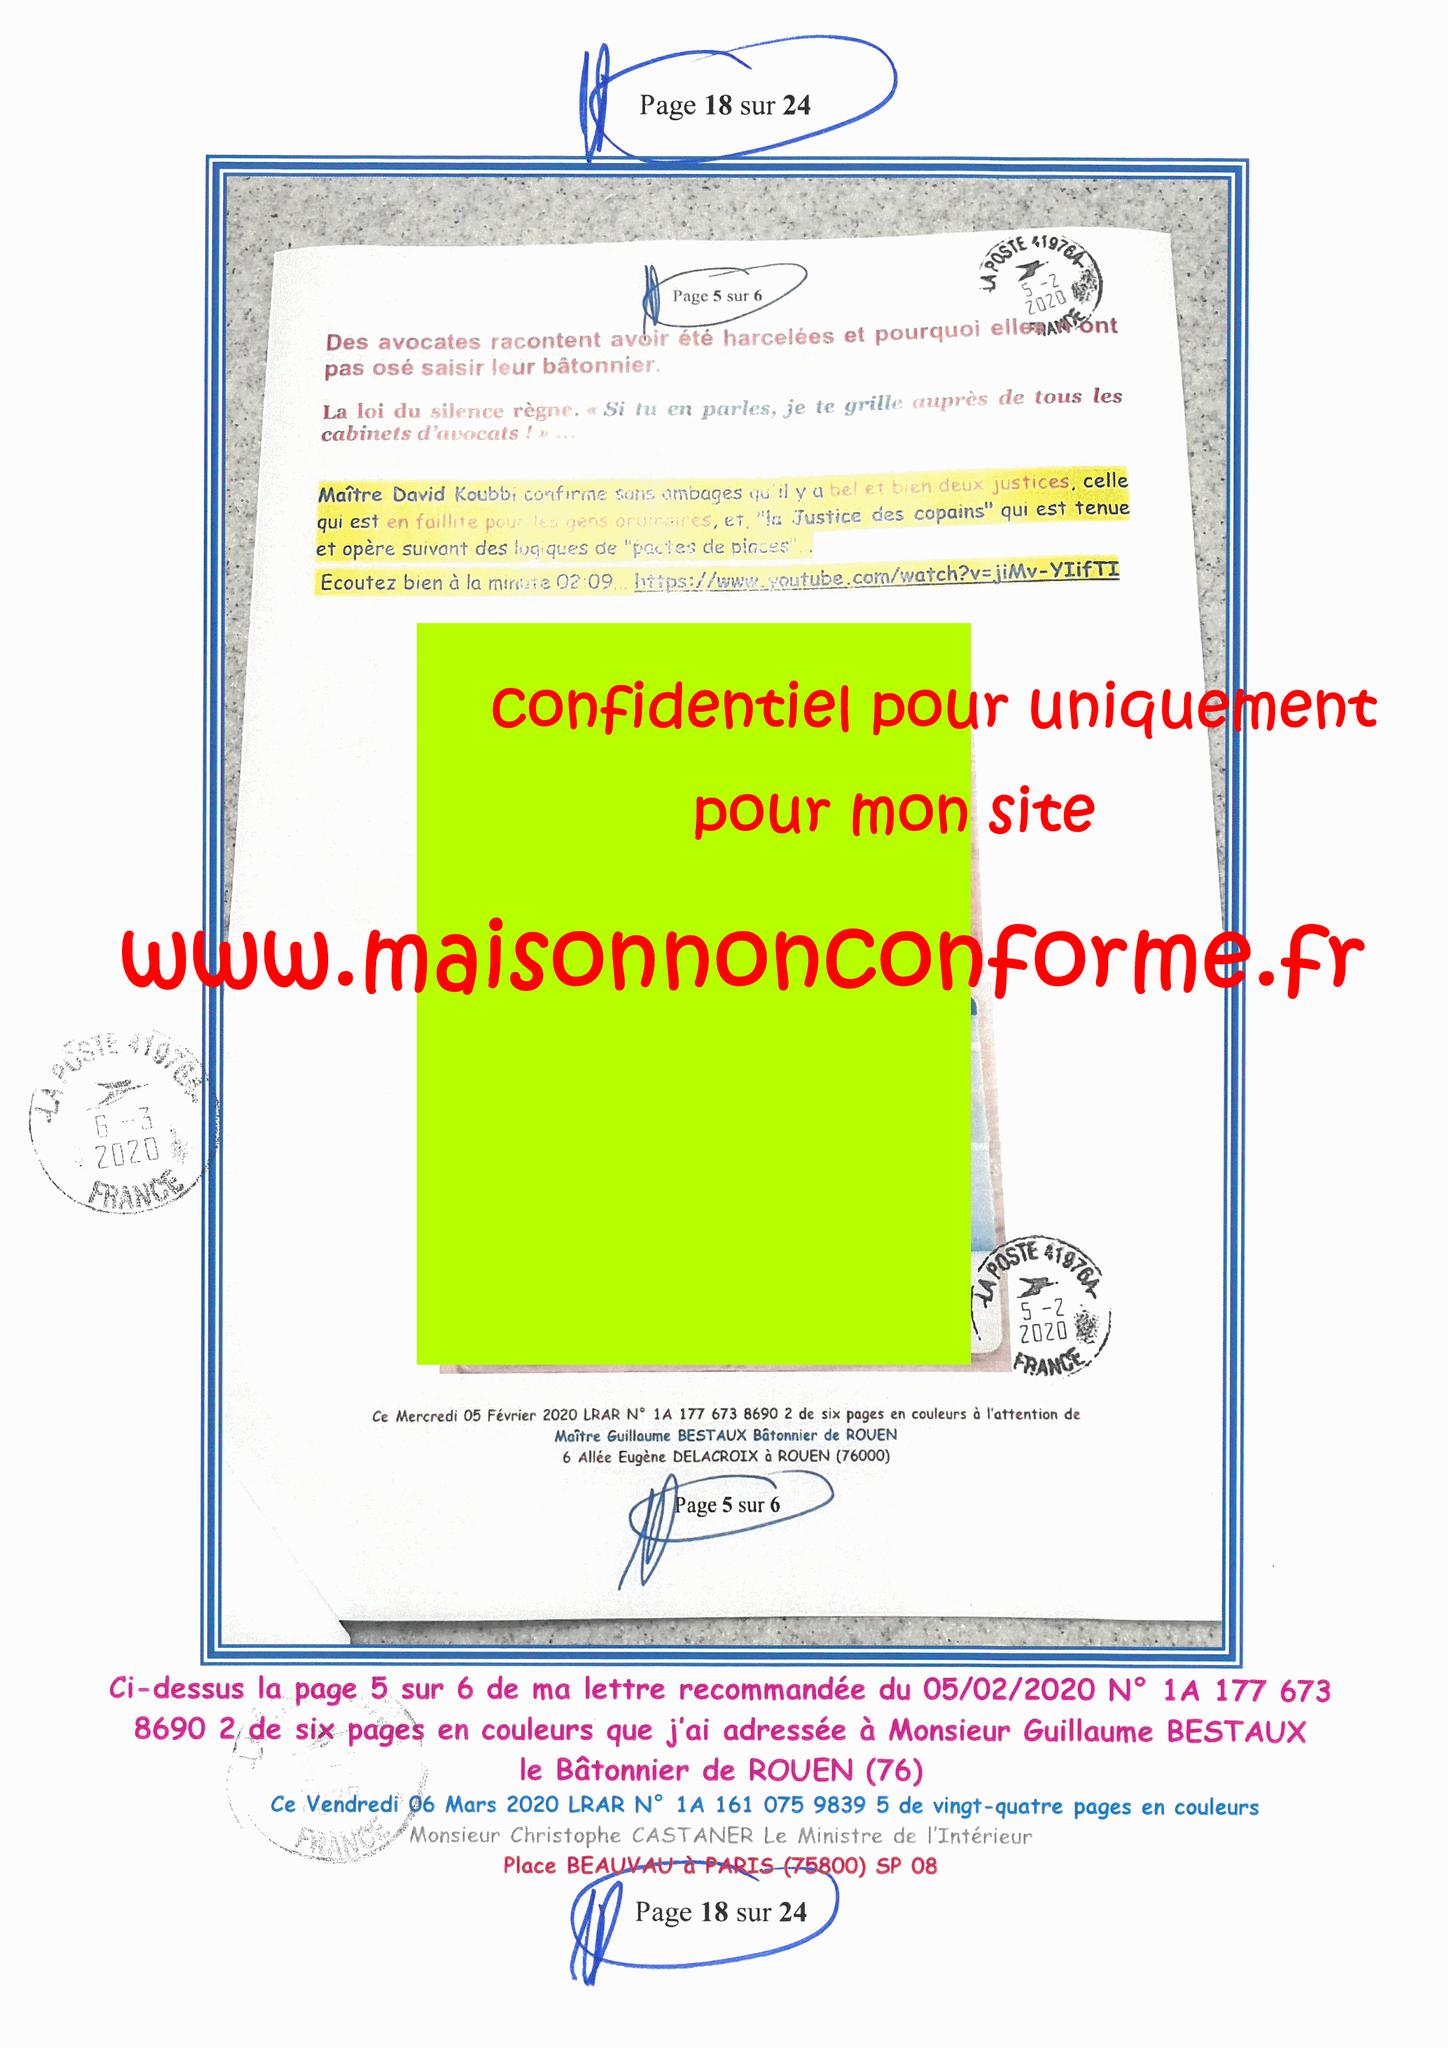 Ma LRAR à Monsieur le Ministre de l'Intérieur Christophe CASTANER N°1A 161 075 9839 5  Page 18 sur 24 en couleur du 06 Mars 2020  www.jesuispatrick.fr